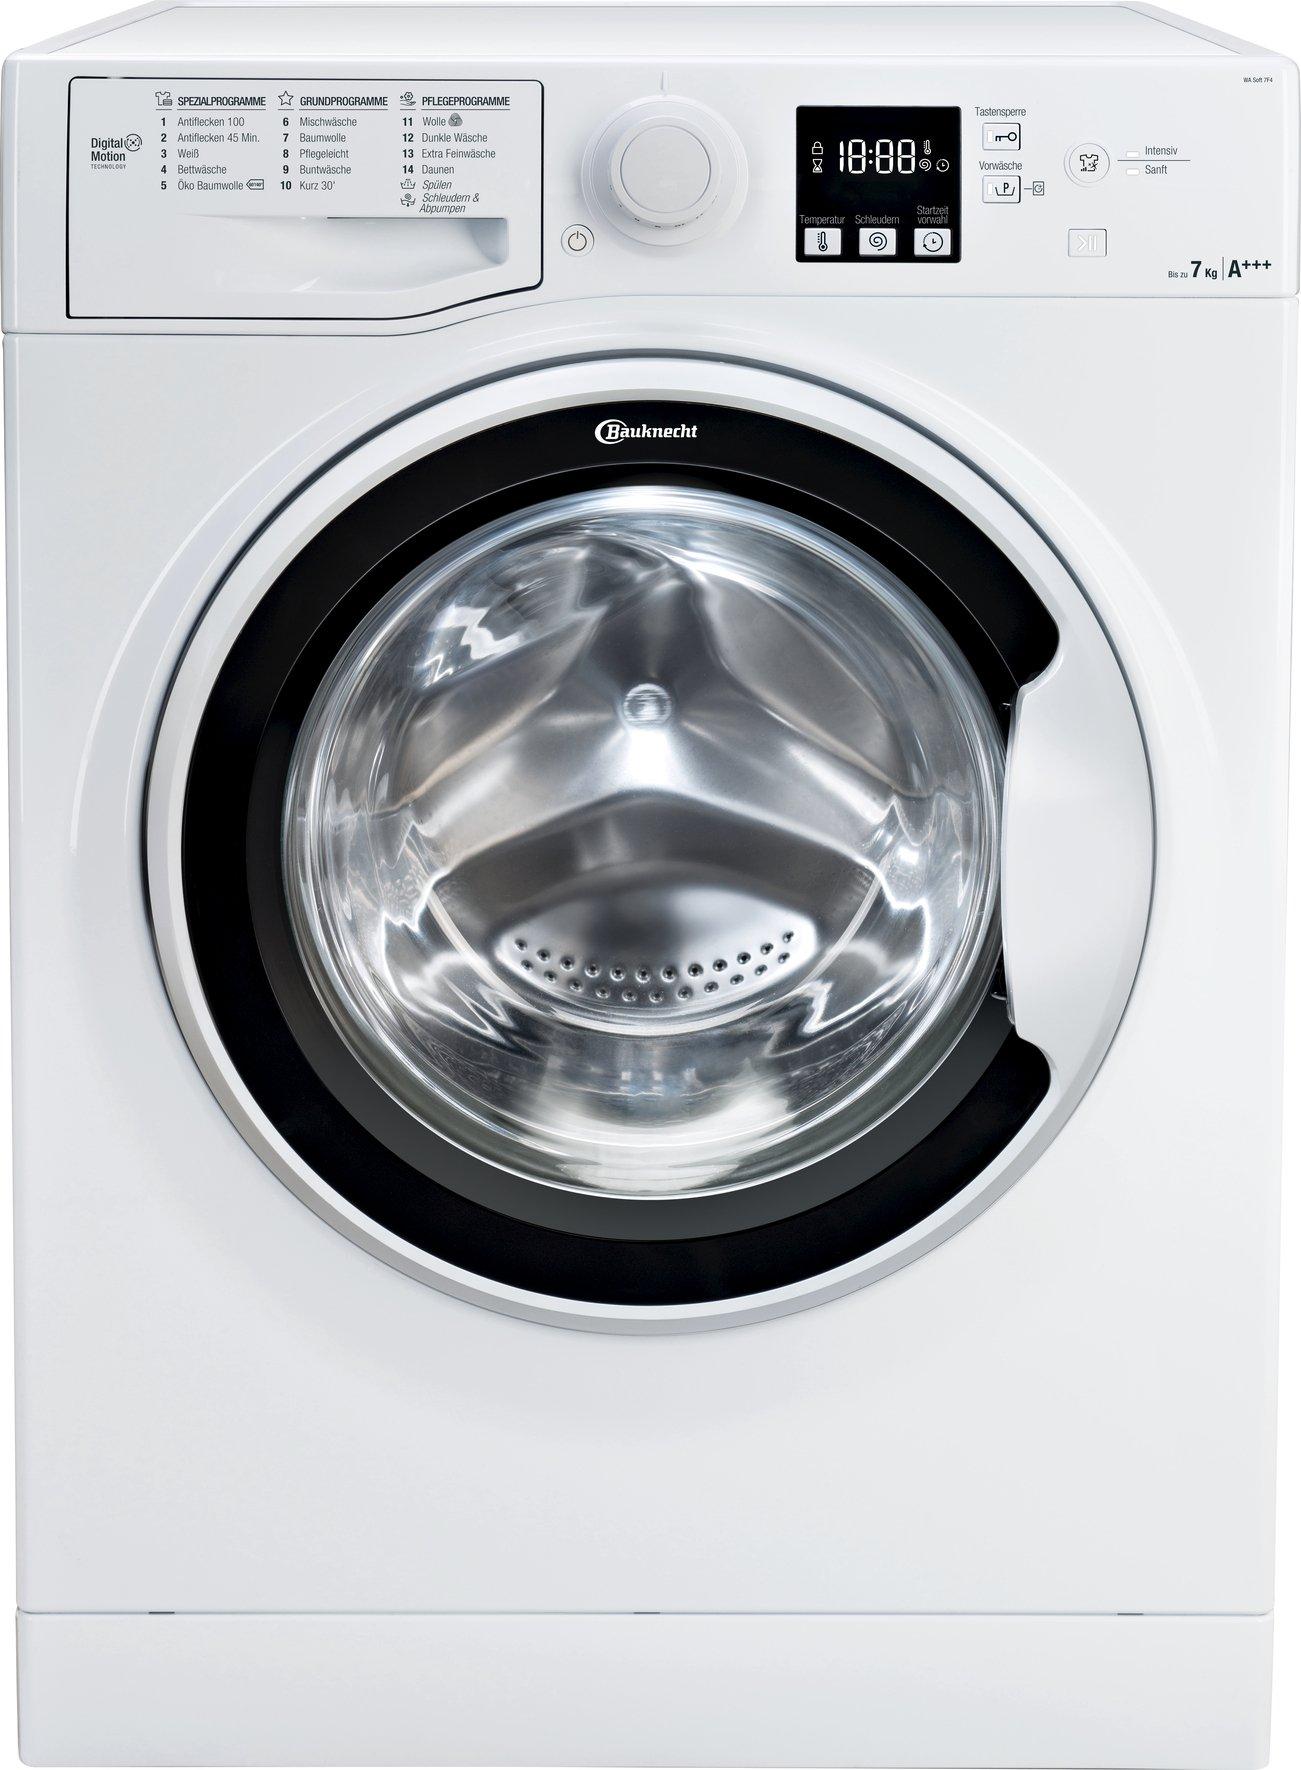 Bauknecht WA Soft 7F4 Waschmaschine Frontlader, 7 kg Füllmenge, Nachlegefunktion